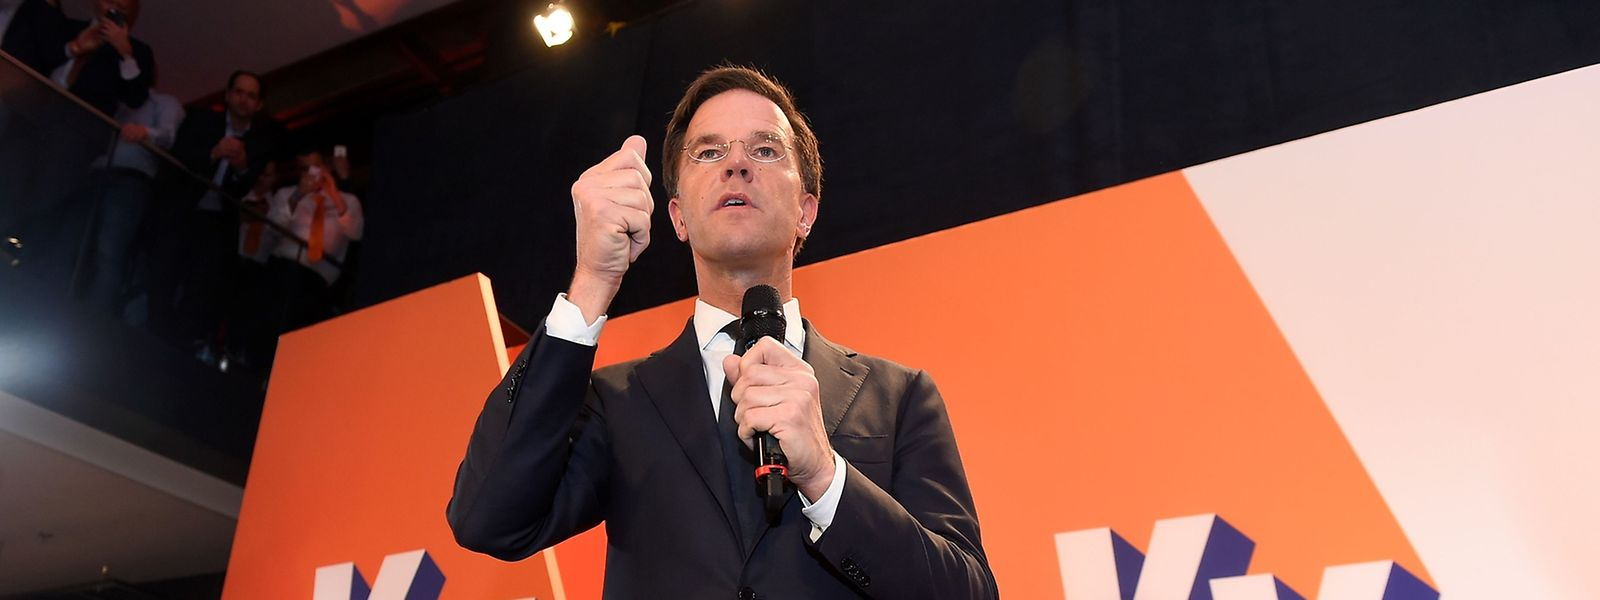 """Der amtierende Ministerpräsident Mark Rutte nannte die Wahl """"ein Fest für die Demokratie""""."""